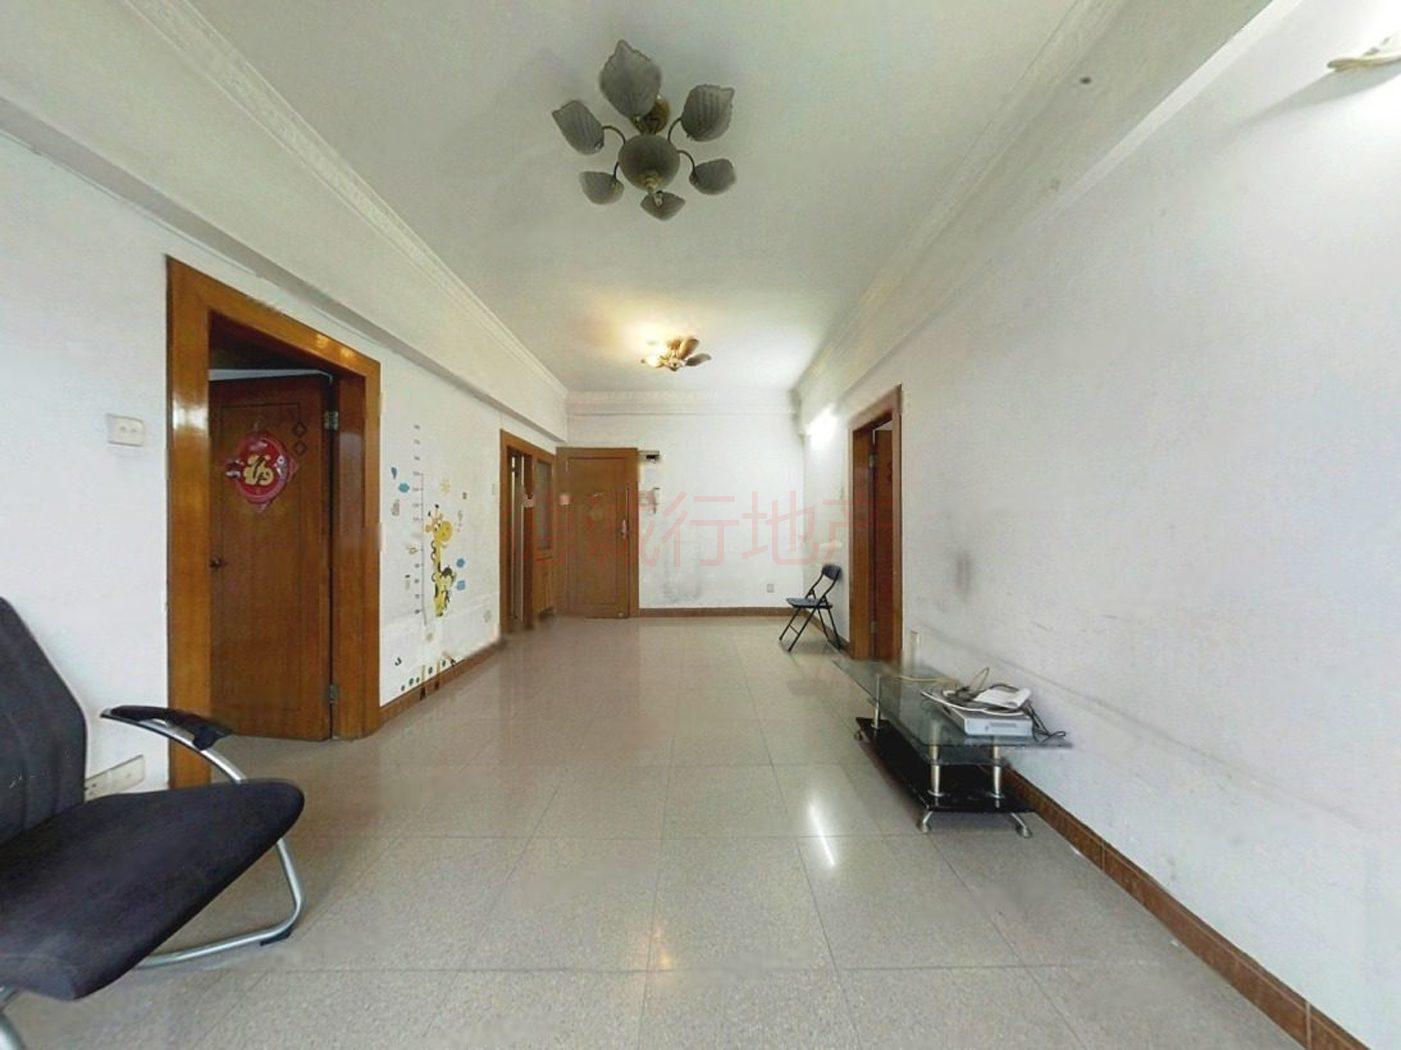 金丰花园2室1厅1卫南朝向仅208万元 随时可以看房